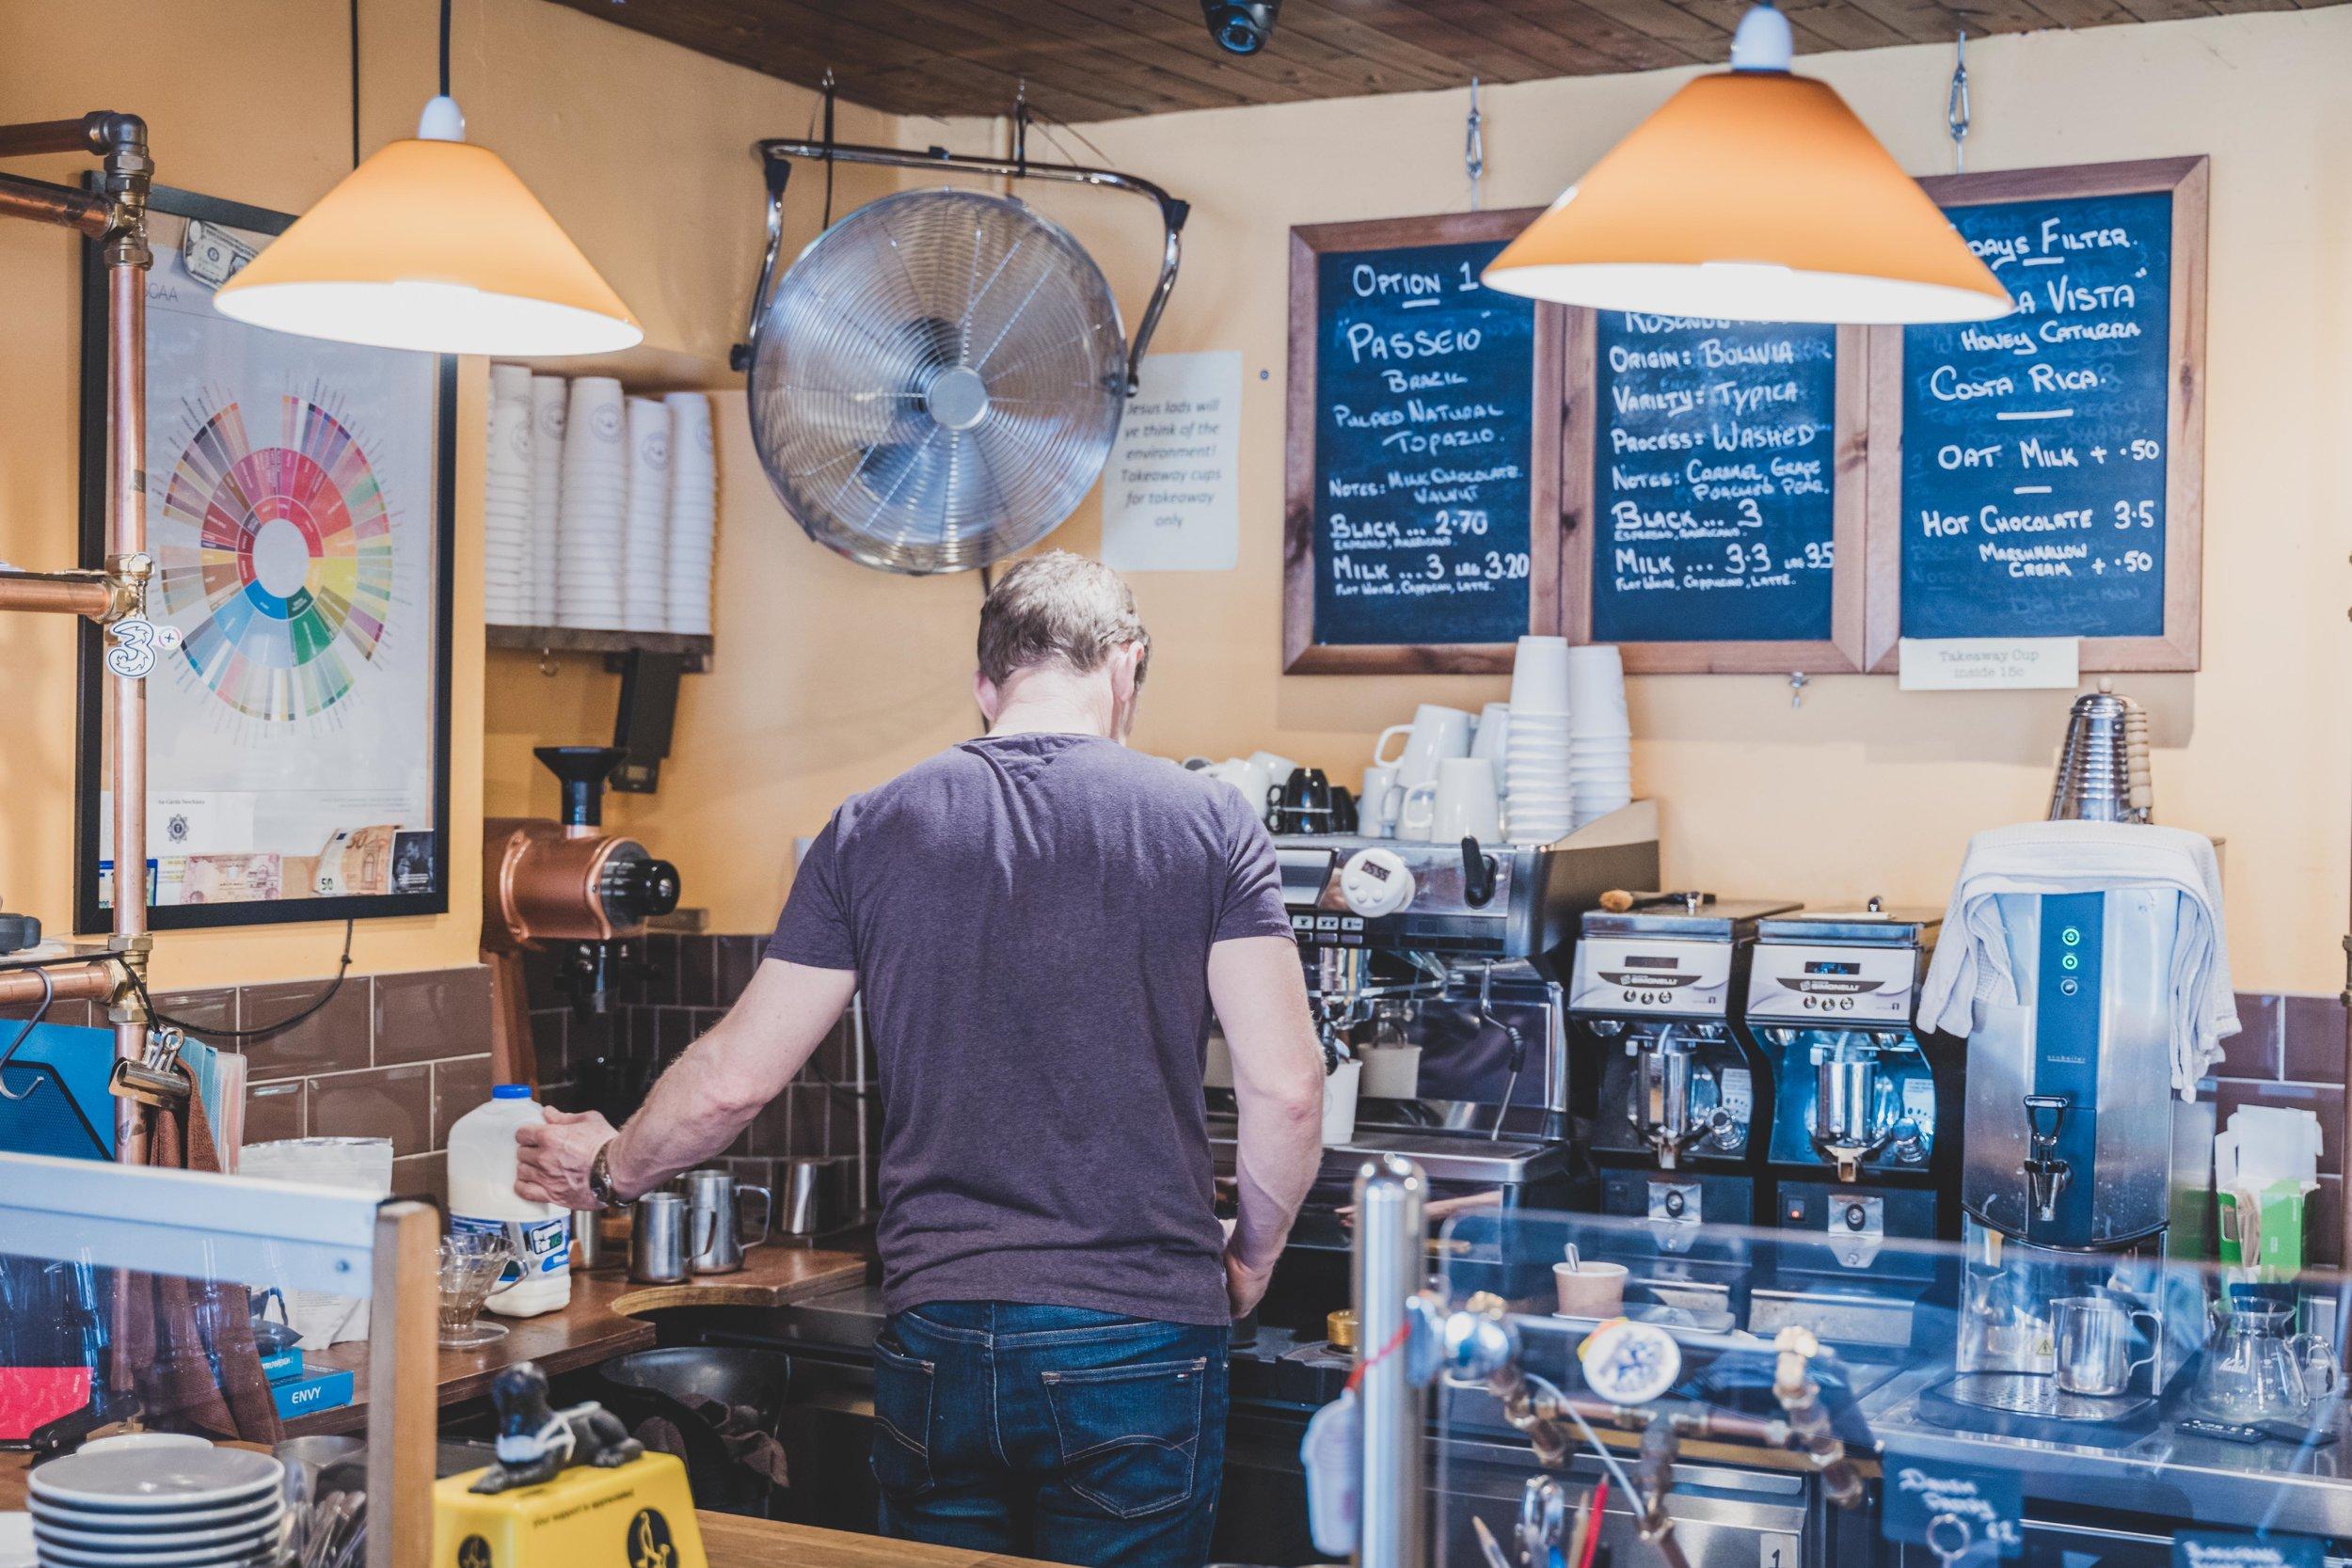 Blackfriars Coffee waterford ireland brewing coffee.jpg